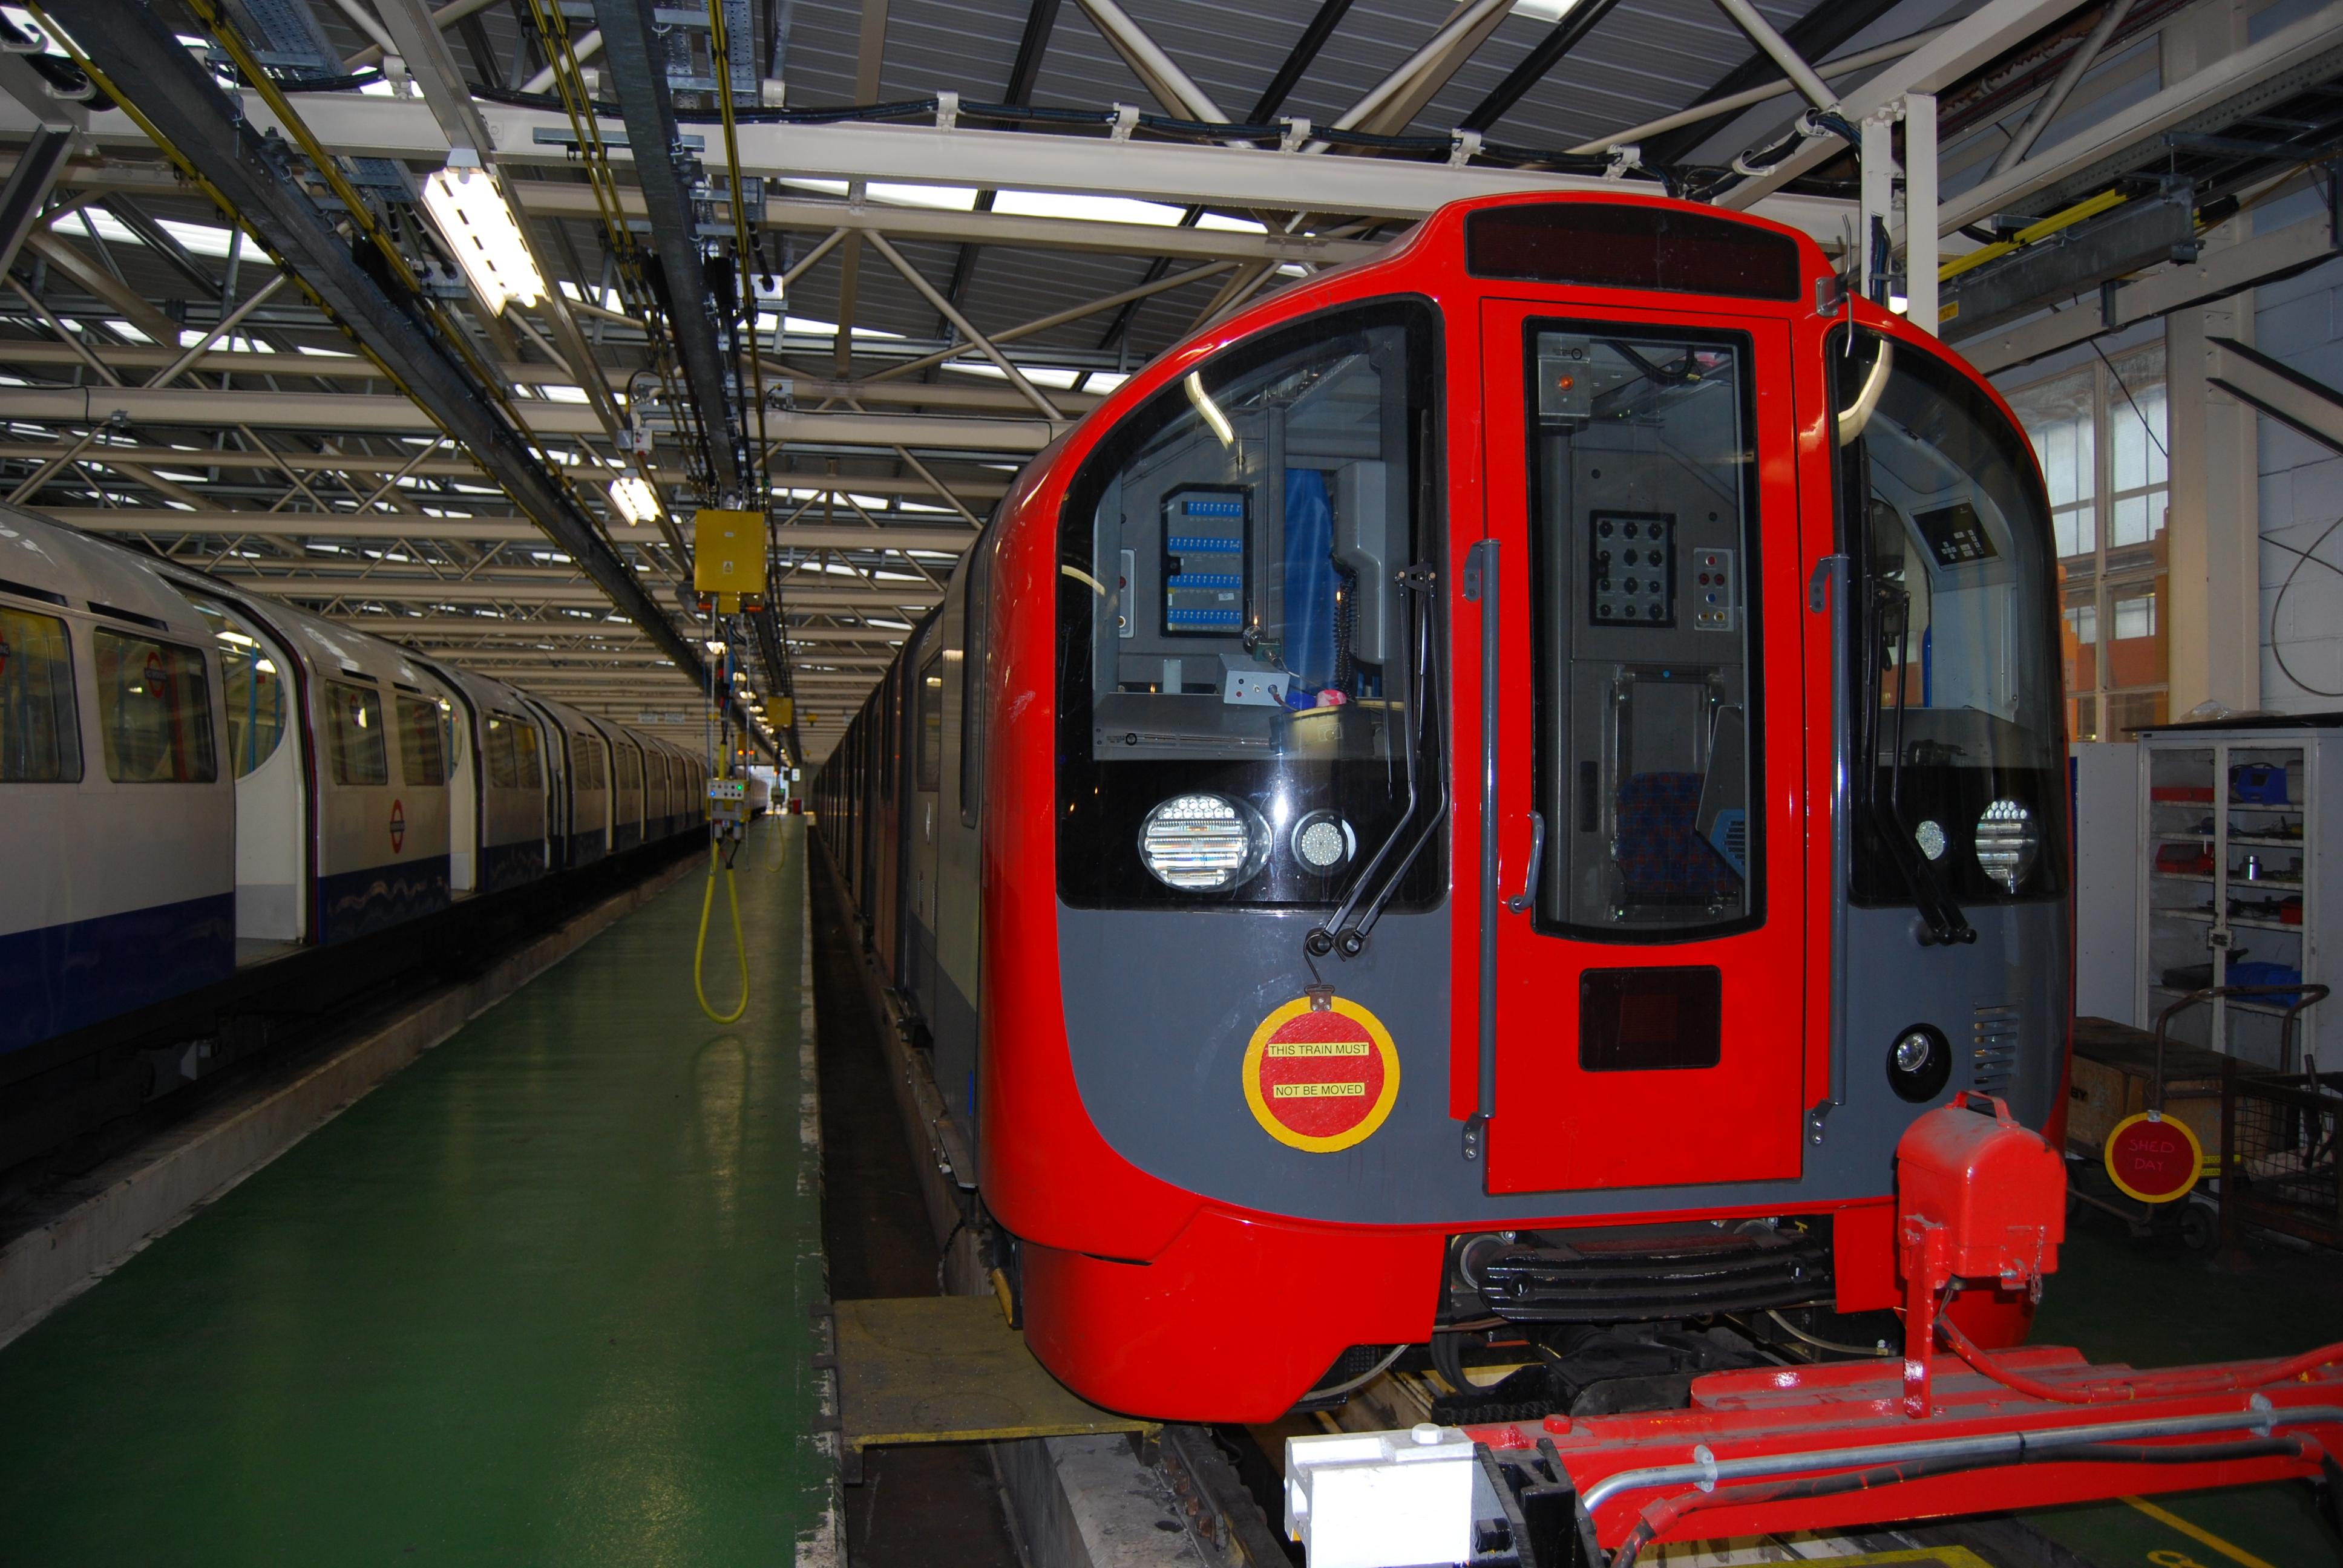 Description 2009 Stock Underground Trains.jpg